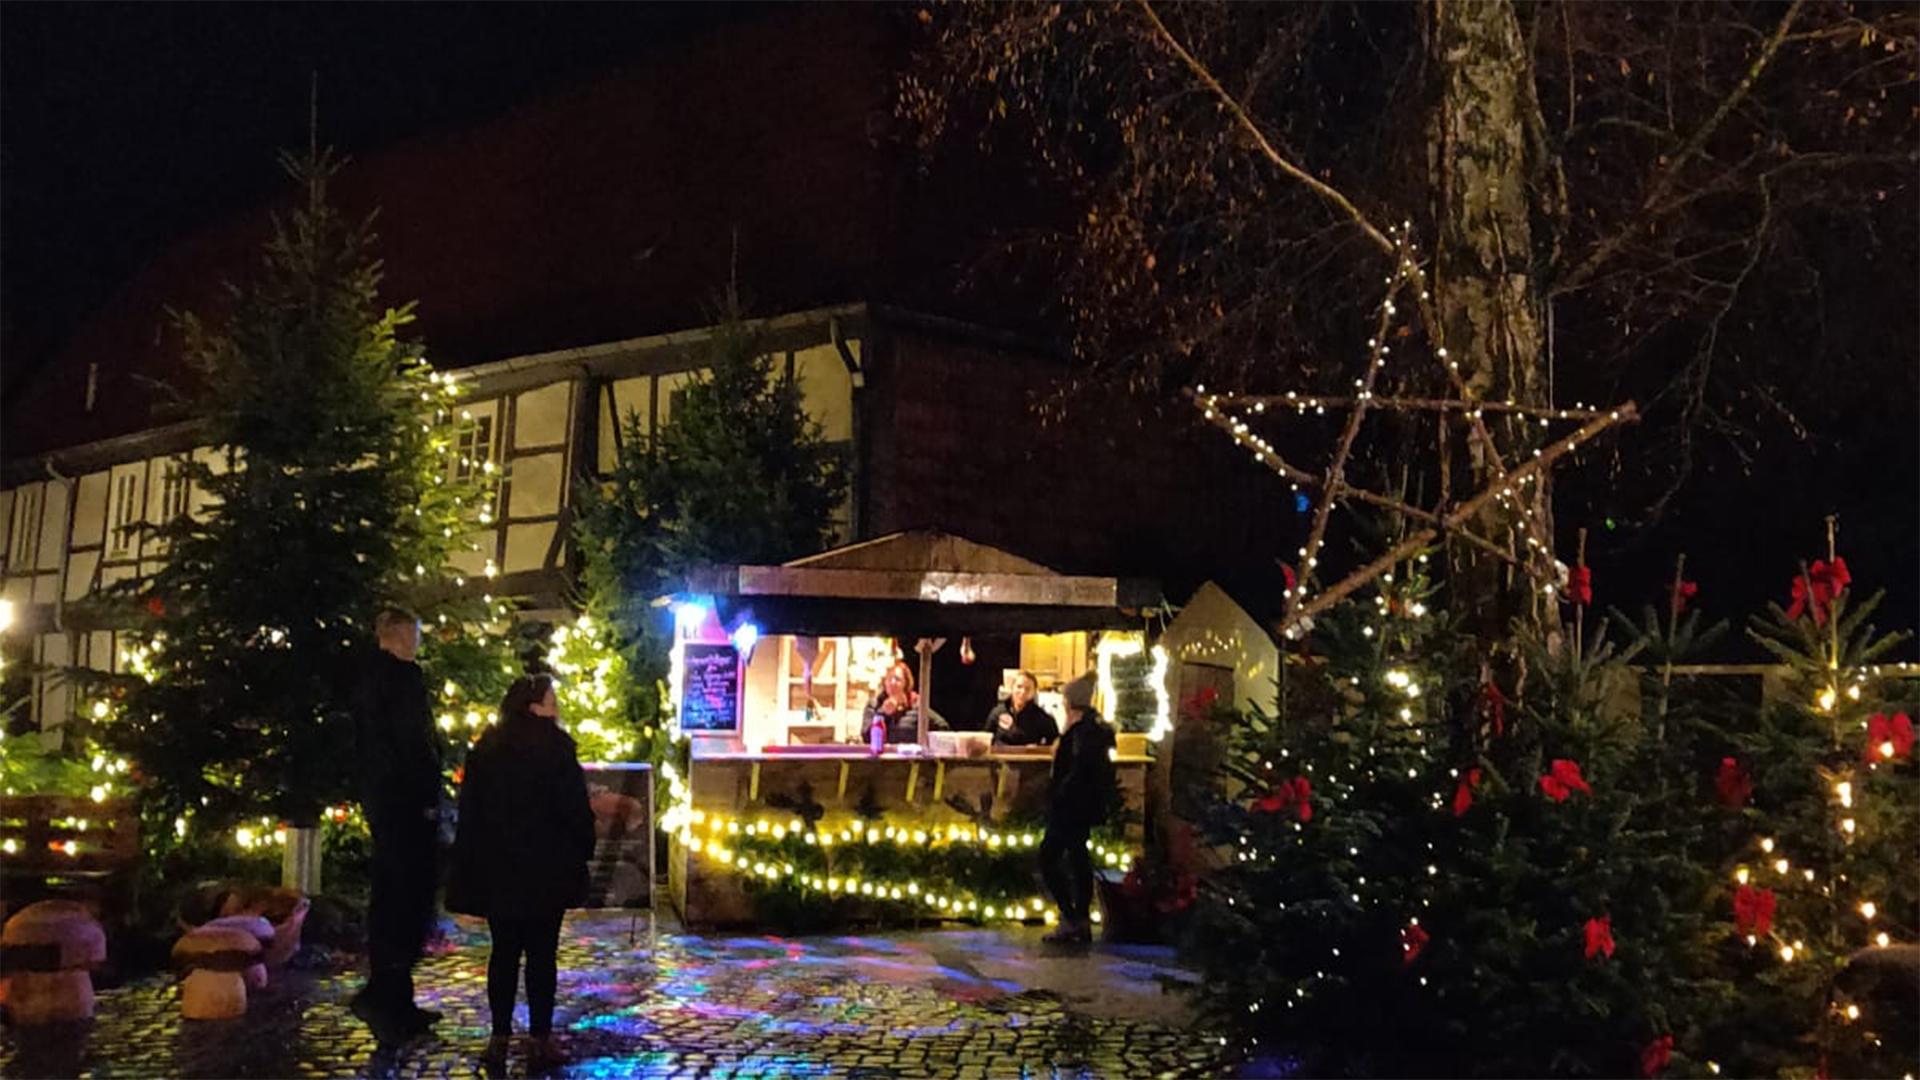 Weihnachtsmarkt I.Das Tüpfelchen Auf Dem Weihnachtsmarkt I Adventshöfe Und